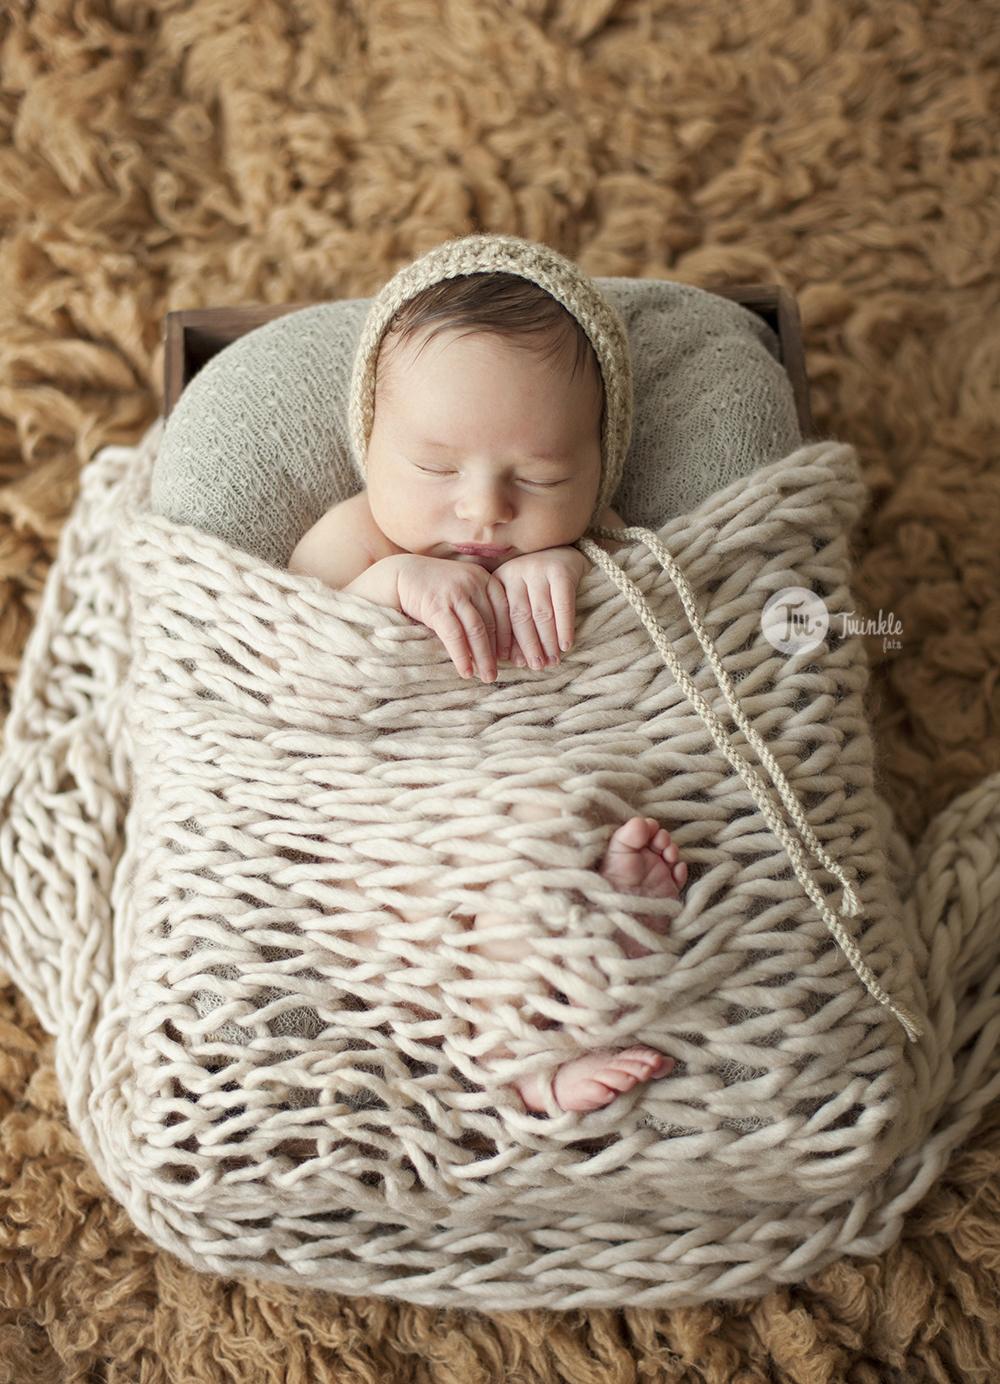 fotos bebe recien nacido Nicolas23